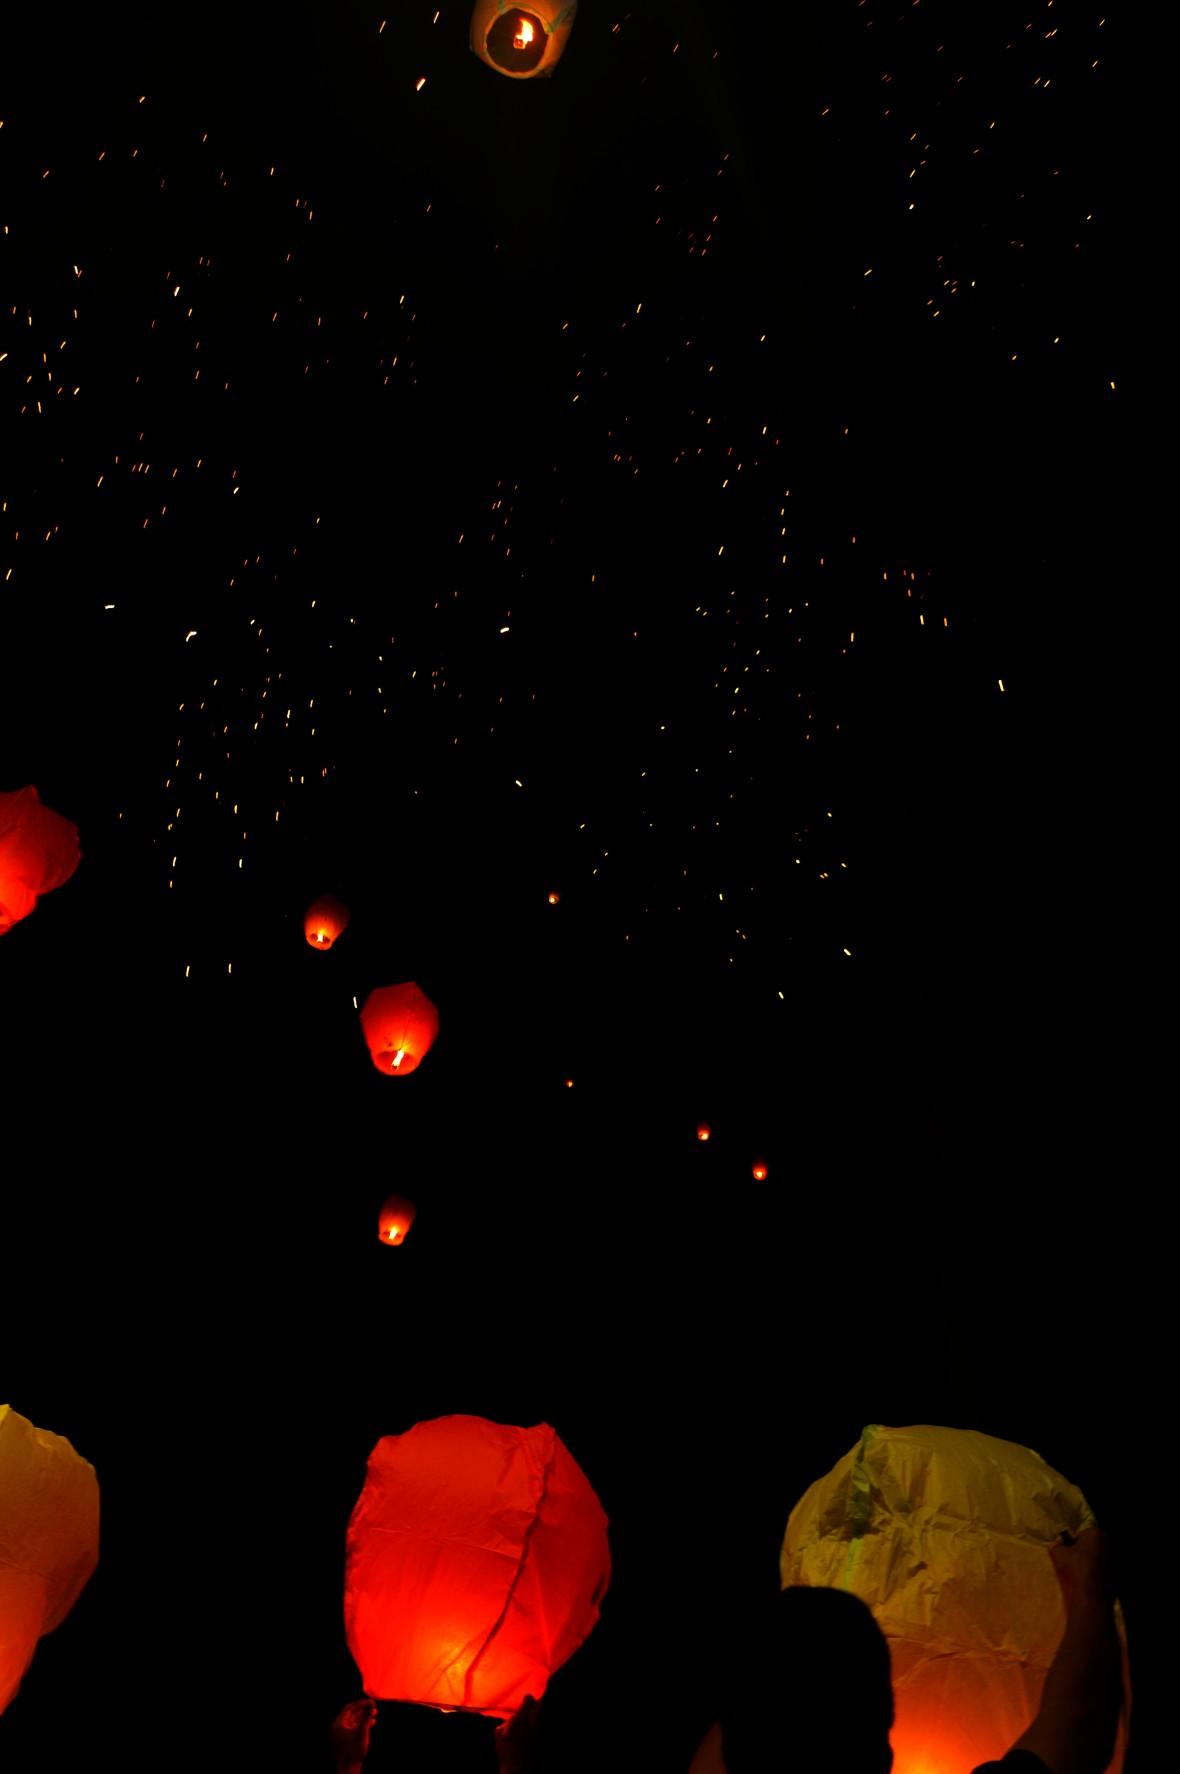 Ini foto keatas, diatas itu merupakan pecahan dari kembang api, dan terlihat seperti lampion yang sudah terbang jauh...